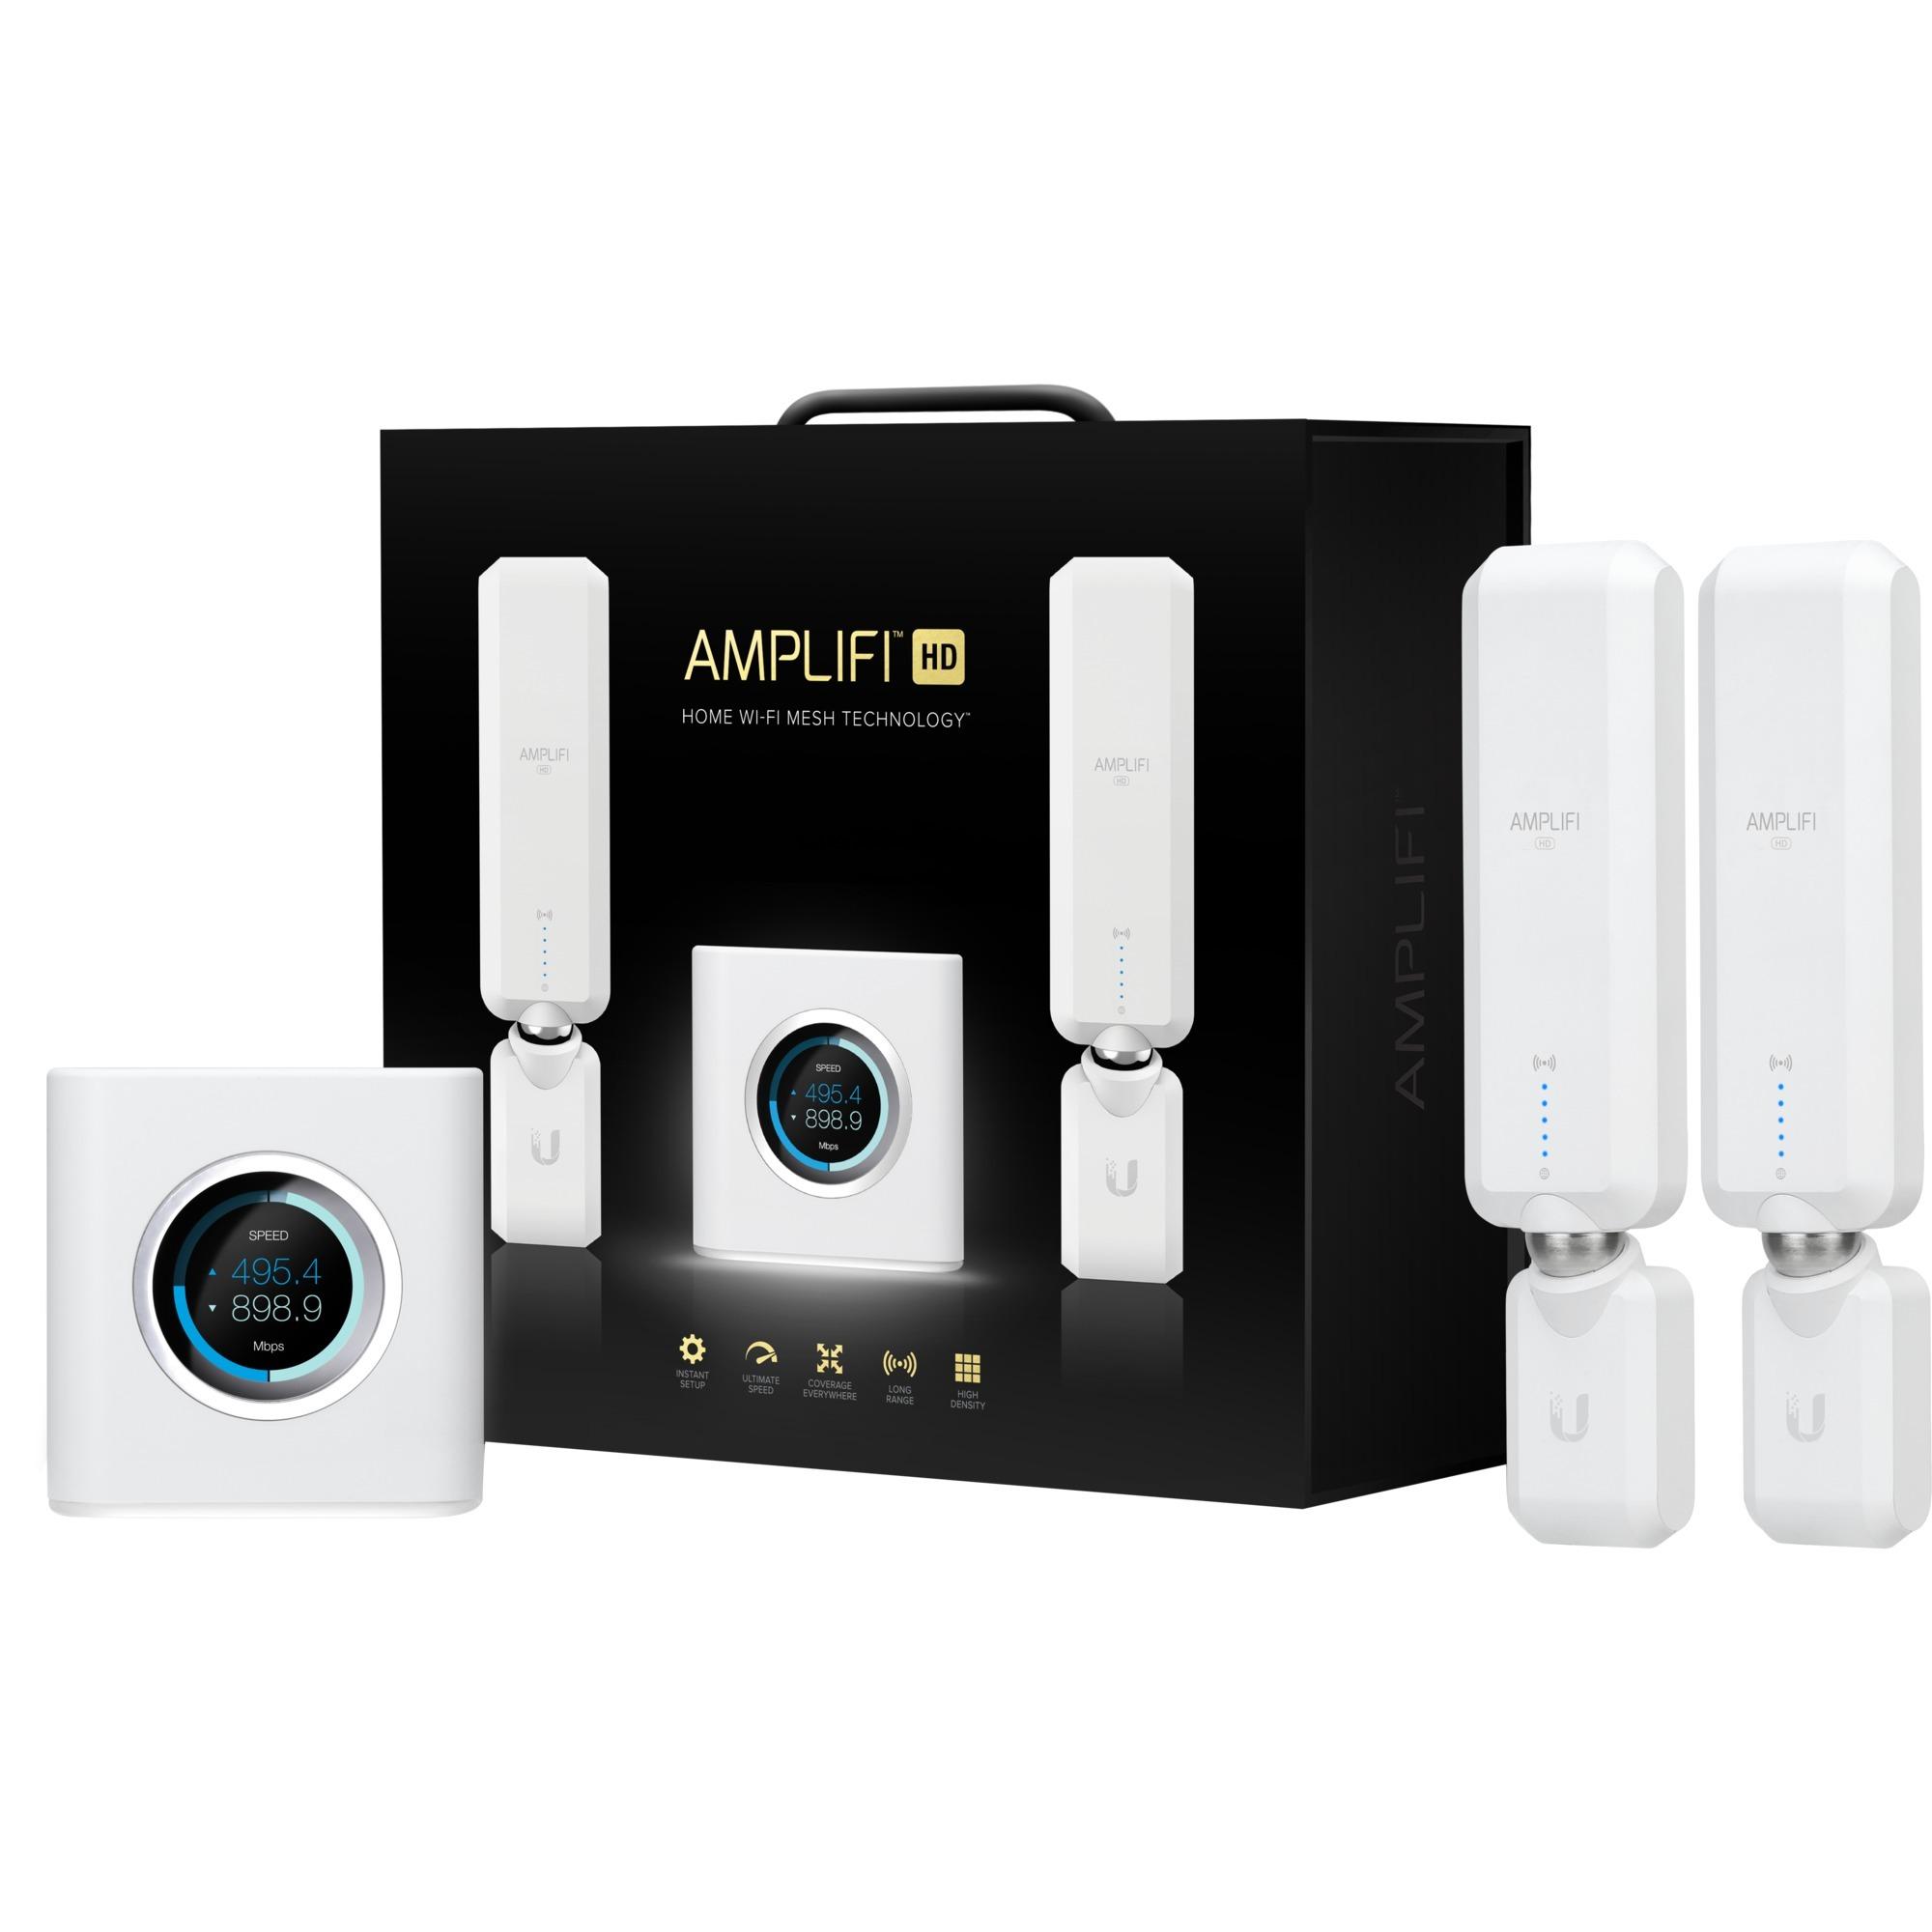 AmpliFi HD router inalámbrico Doble banda (2,4 GHz / 5 GHz) Gigabit Ethernet Blanco, Enrutador de malla